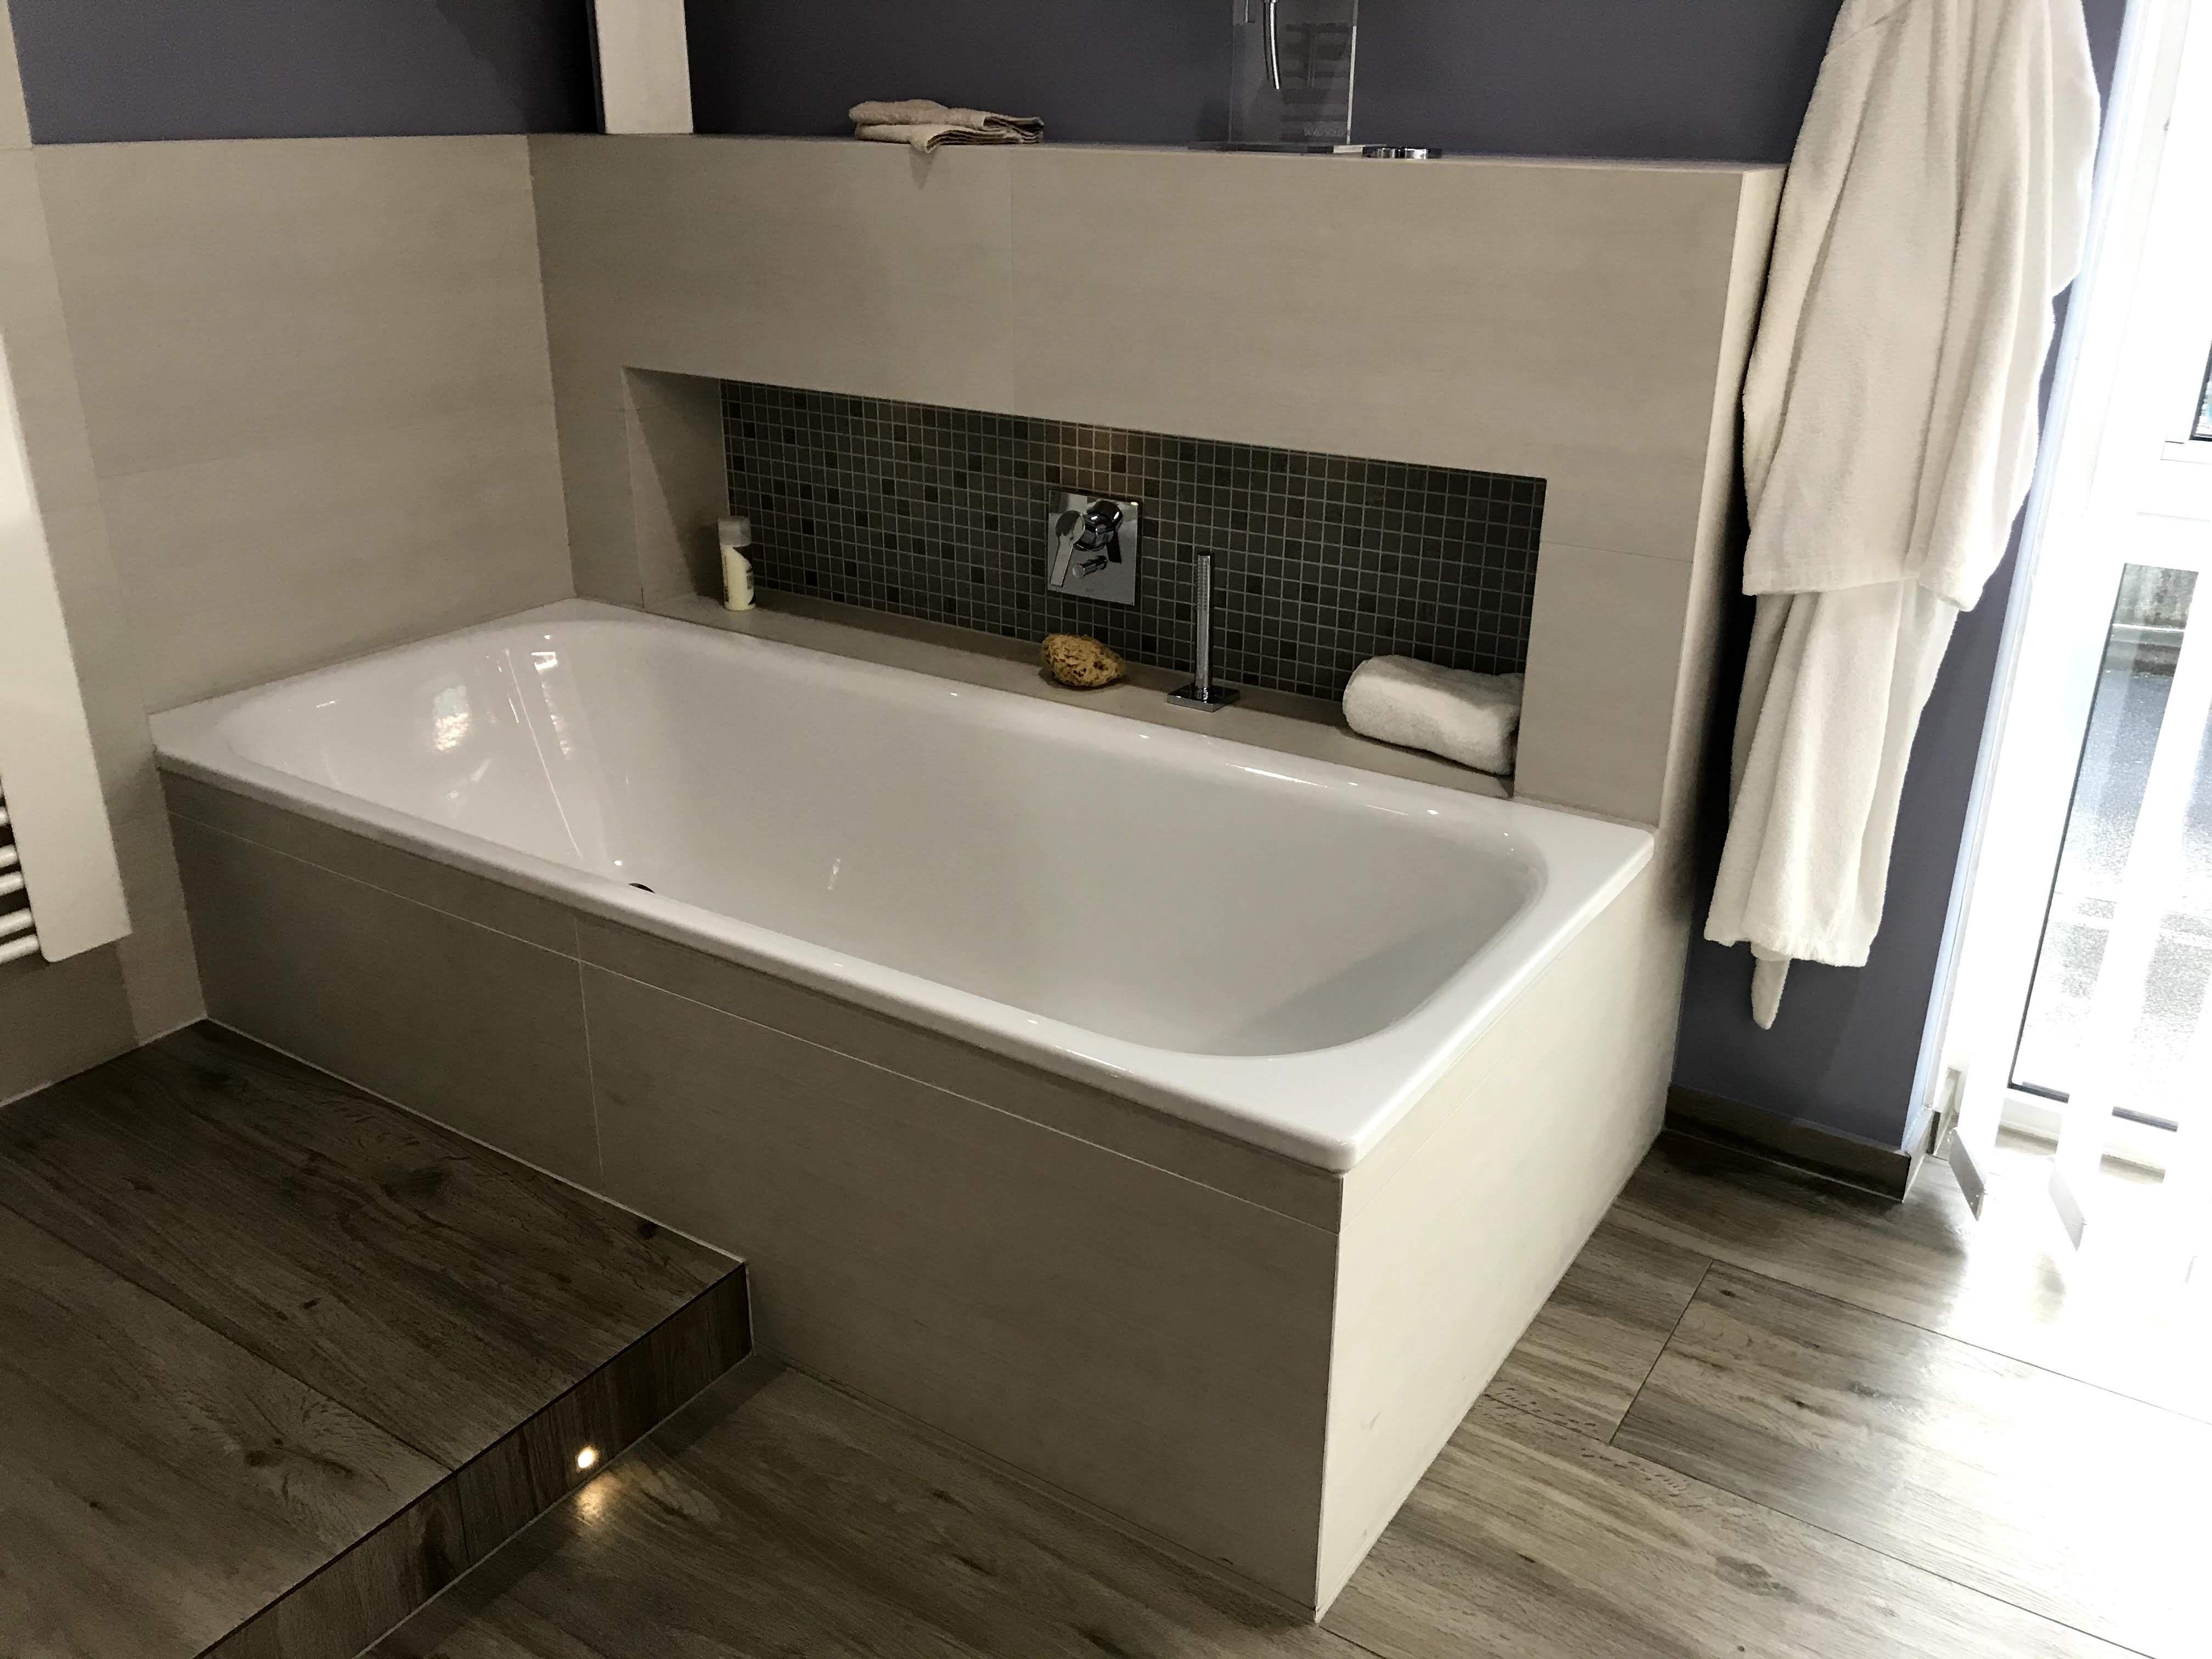 Wandnische Badewanne In 2020 Kleines Bad Fliesen Badewanne Wandnischen